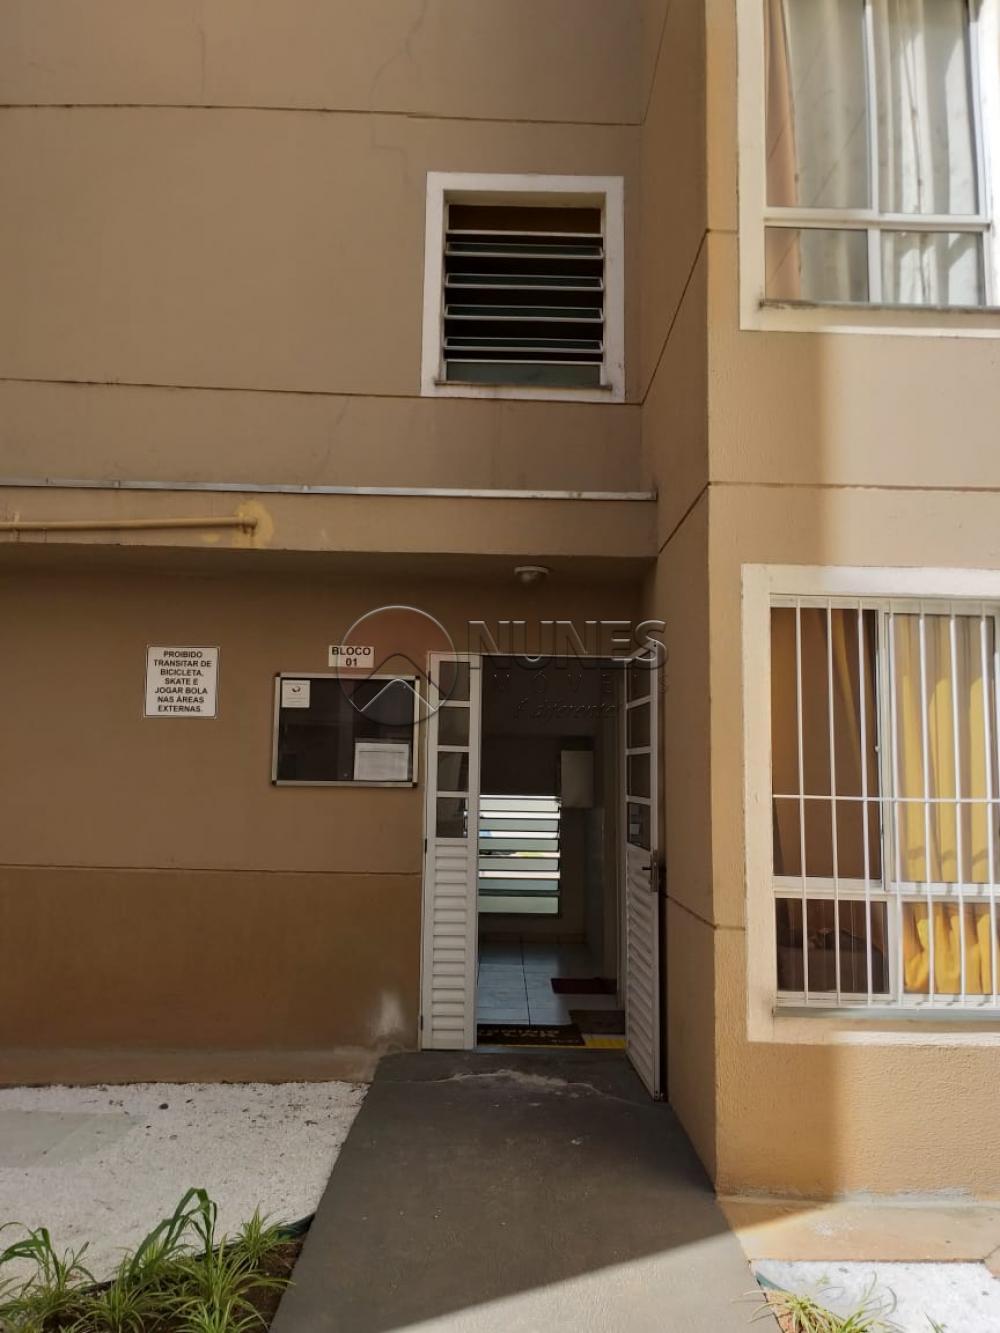 Comprar Apartamento / Padrão em Jandira apenas R$ 170.000,00 - Foto 10